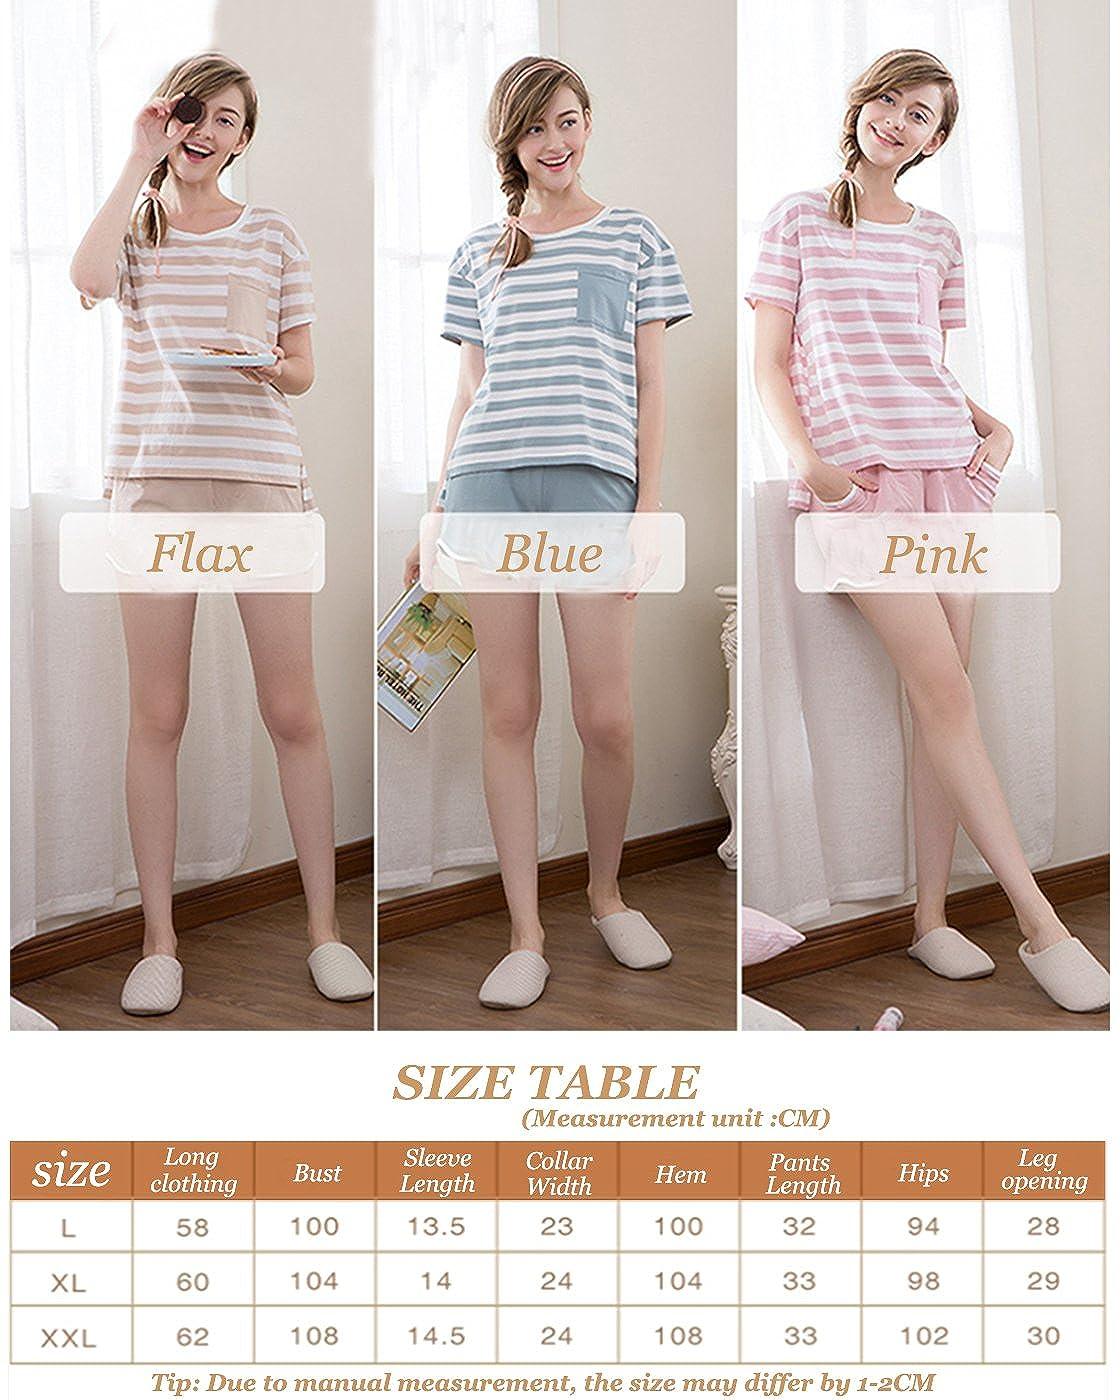 Sunshine Chow Pijamas de algodón de Pijamas cómodas de Mujer de Moda Conjunto Corto Pijama: Amazon.es: Ropa y accesorios